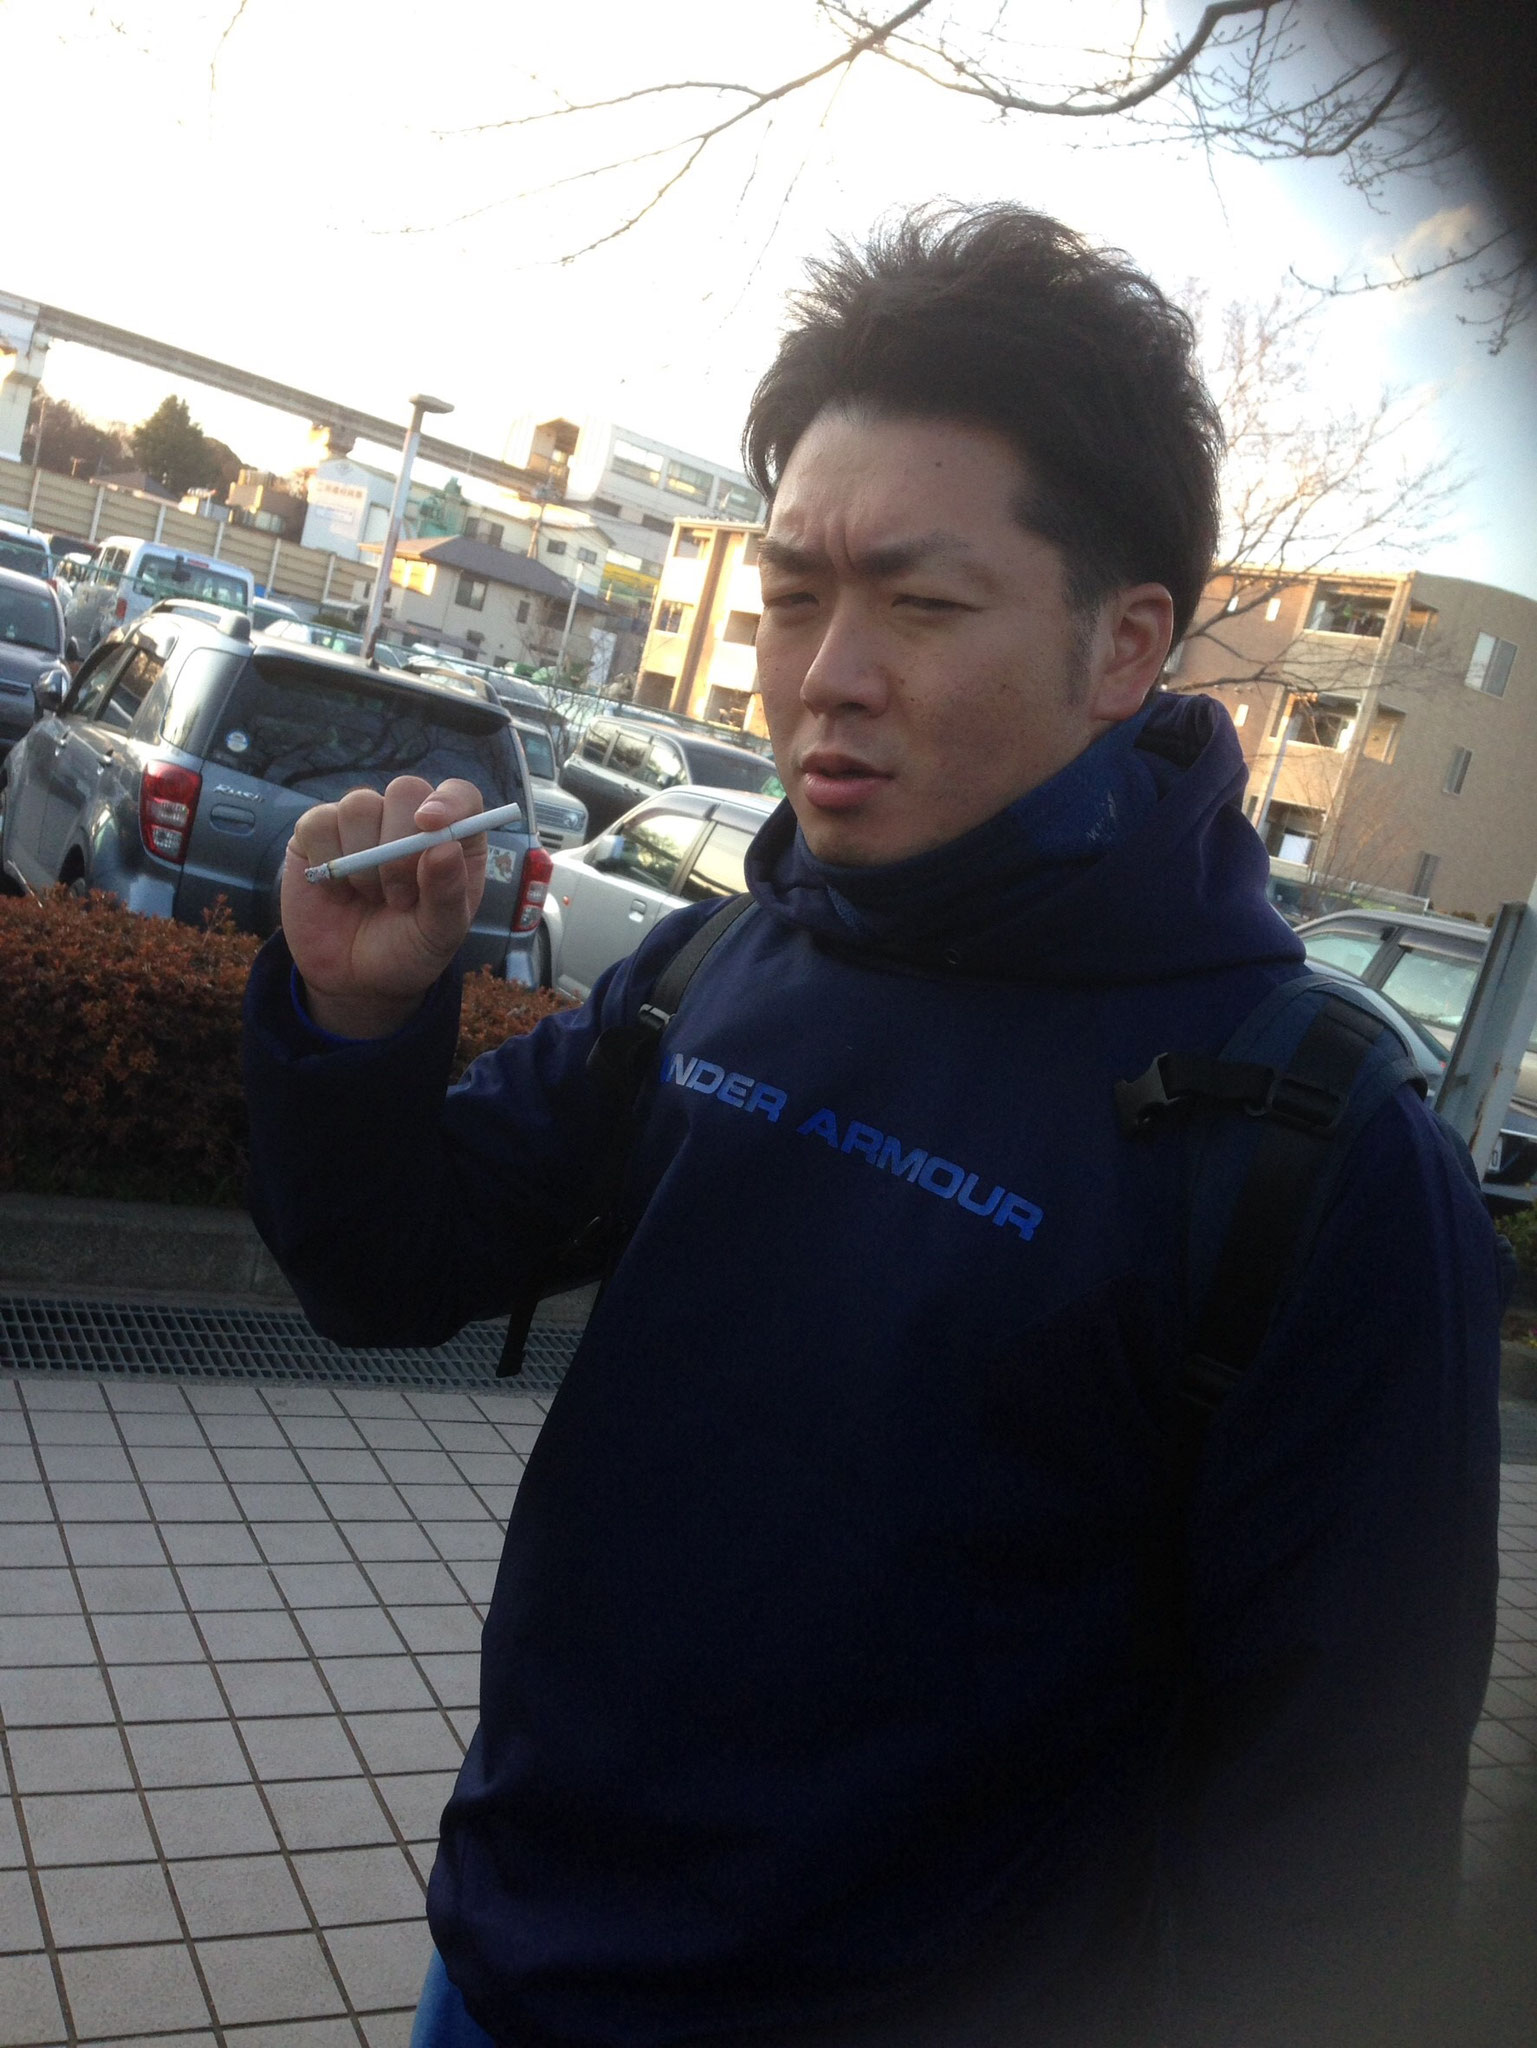 タバコ吸うだけなのに渋すぎやしまへんか?笑